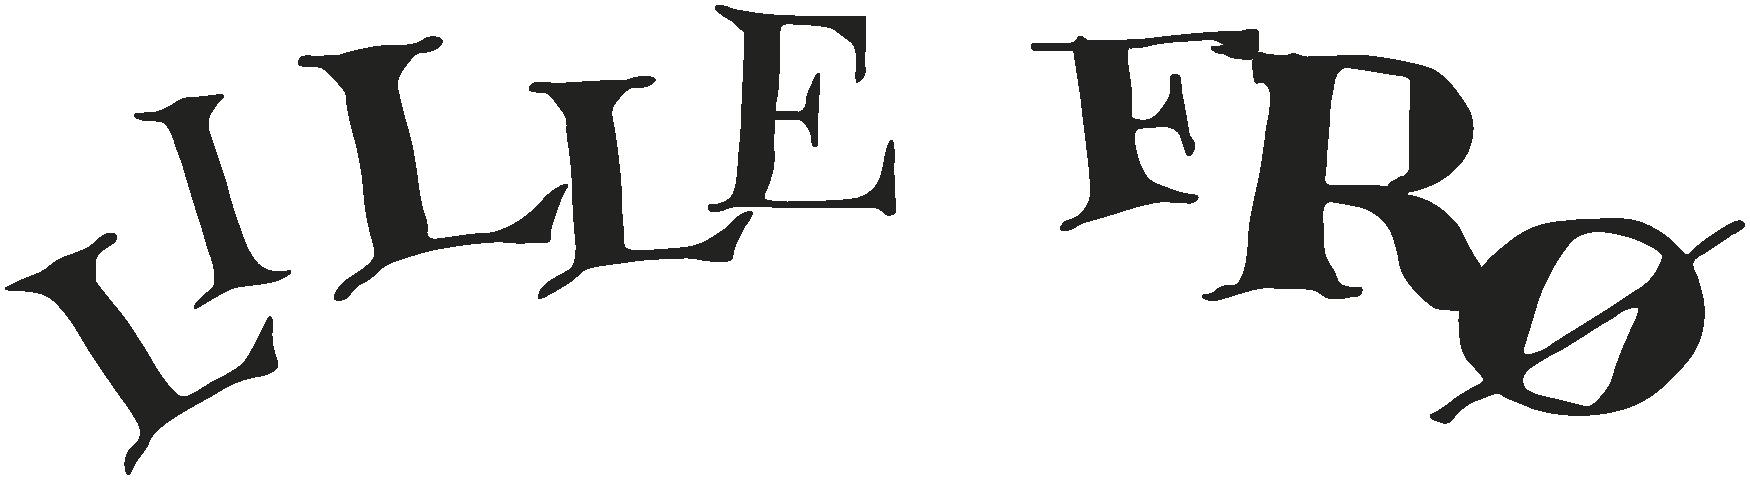 Lille-Frø-logo